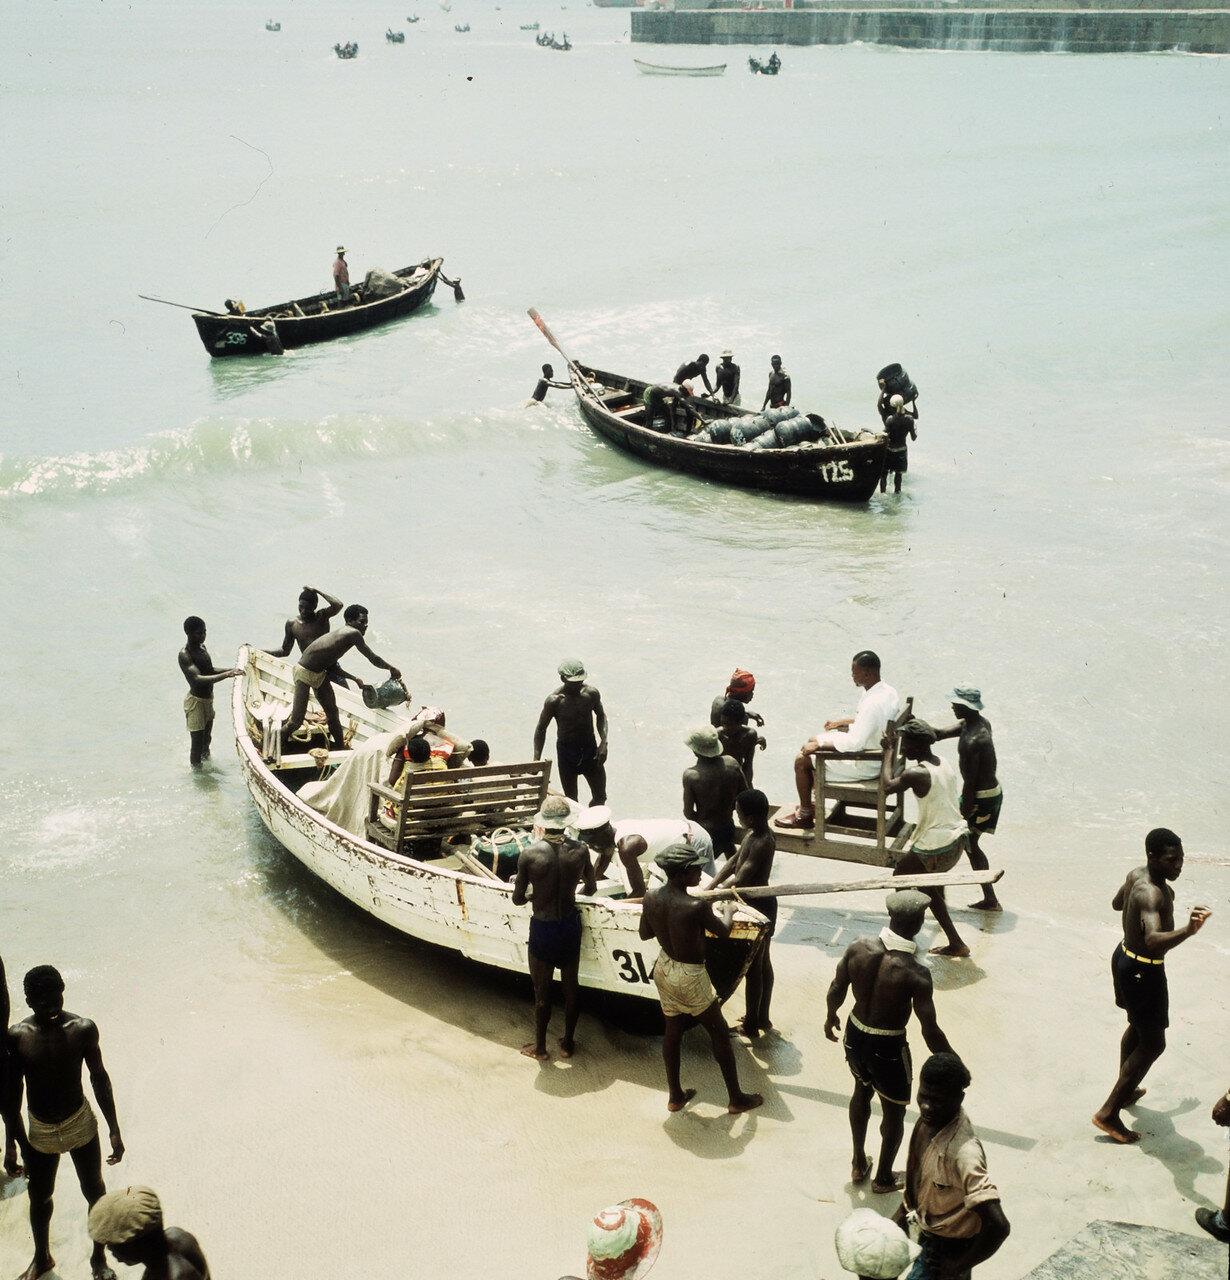 Погрузка и разгрузка прибойных шлюпок на берегу. 1 апреля